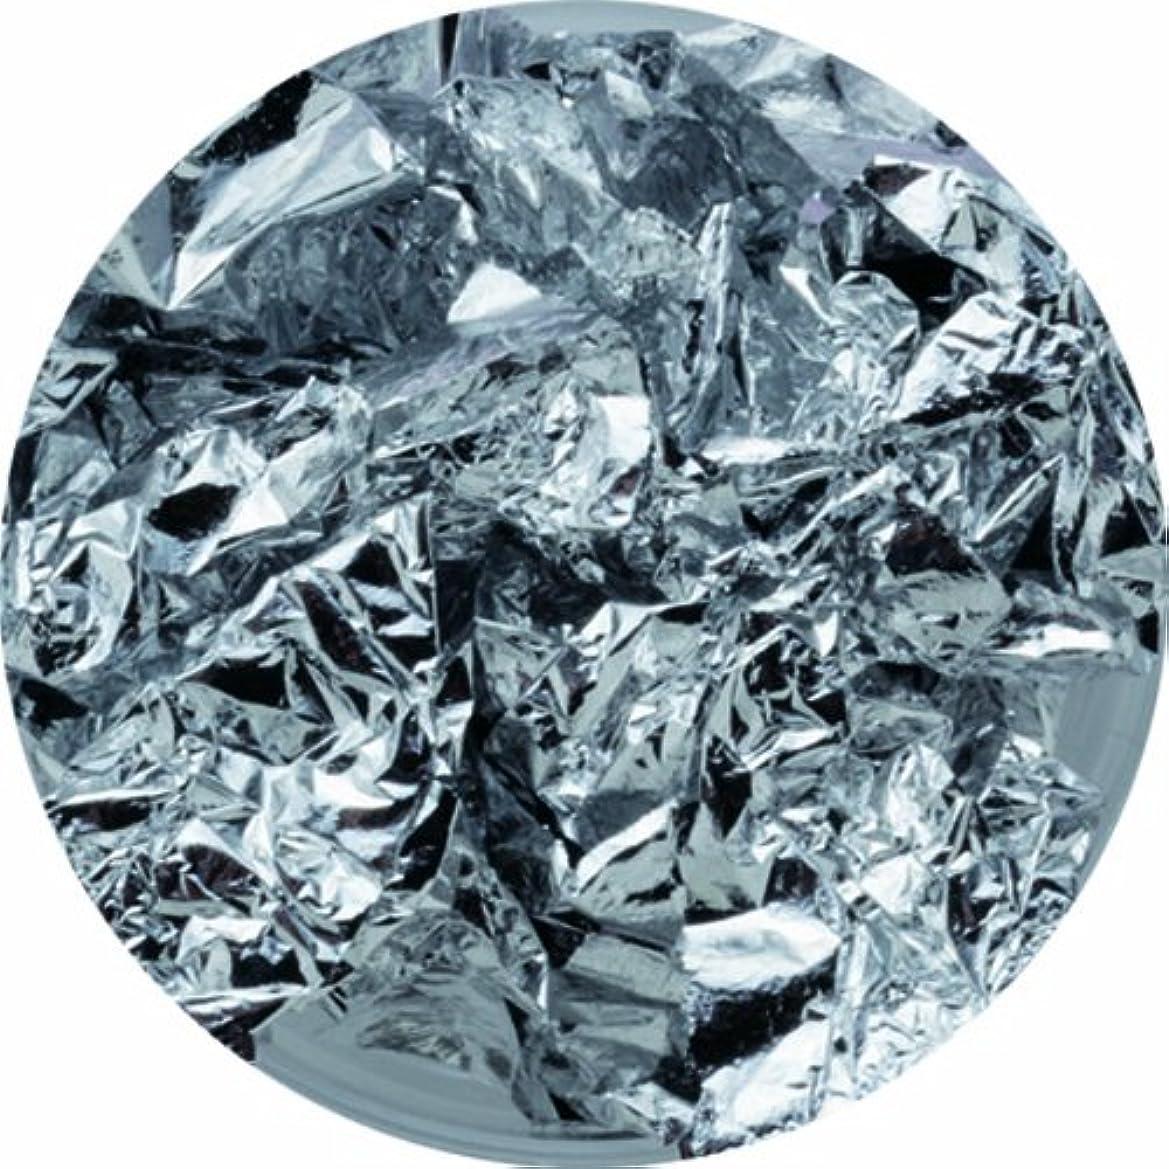 朝食を食べる祈りブルゴーニュビューティーネイラー ネイル用パウダー 黒崎えり子 ジュエリーコレクション シルバーホイル